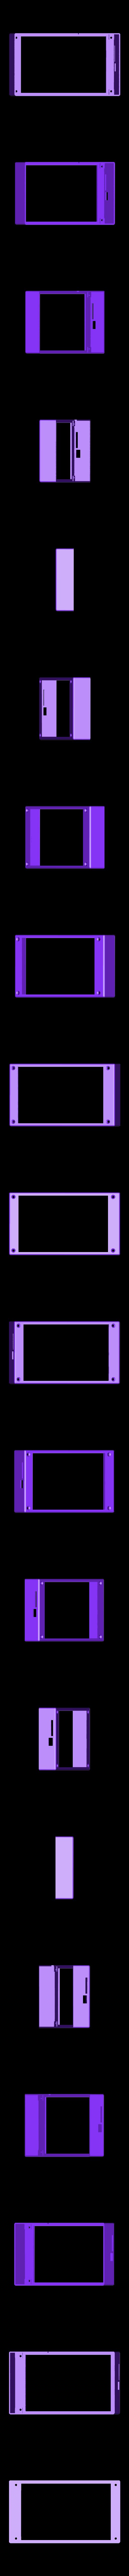 MKS_TFT_70.STL Télécharger fichier STL gratuit Écran MKS TFT70 Cover Gehäuse • Design à imprimer en 3D, Leon75